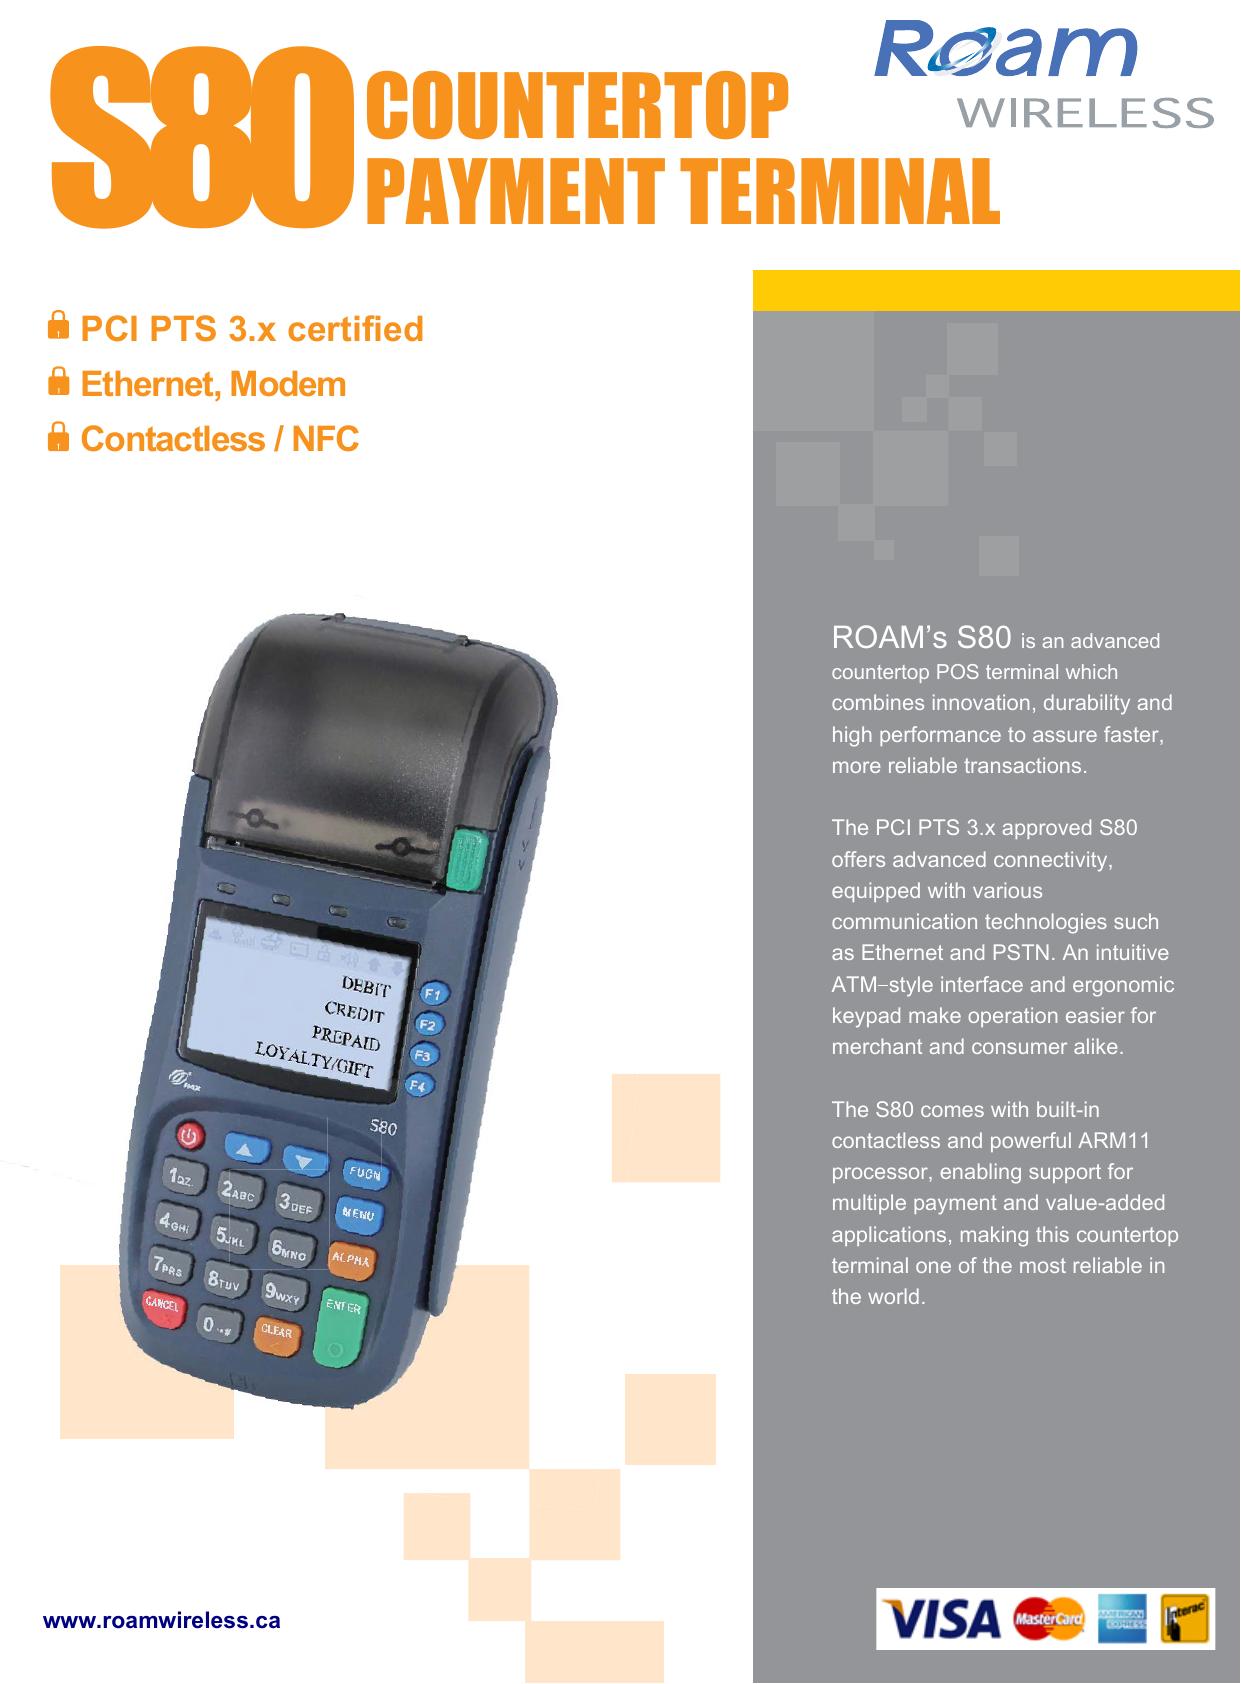 s80countertop payment terminal | manualzz com